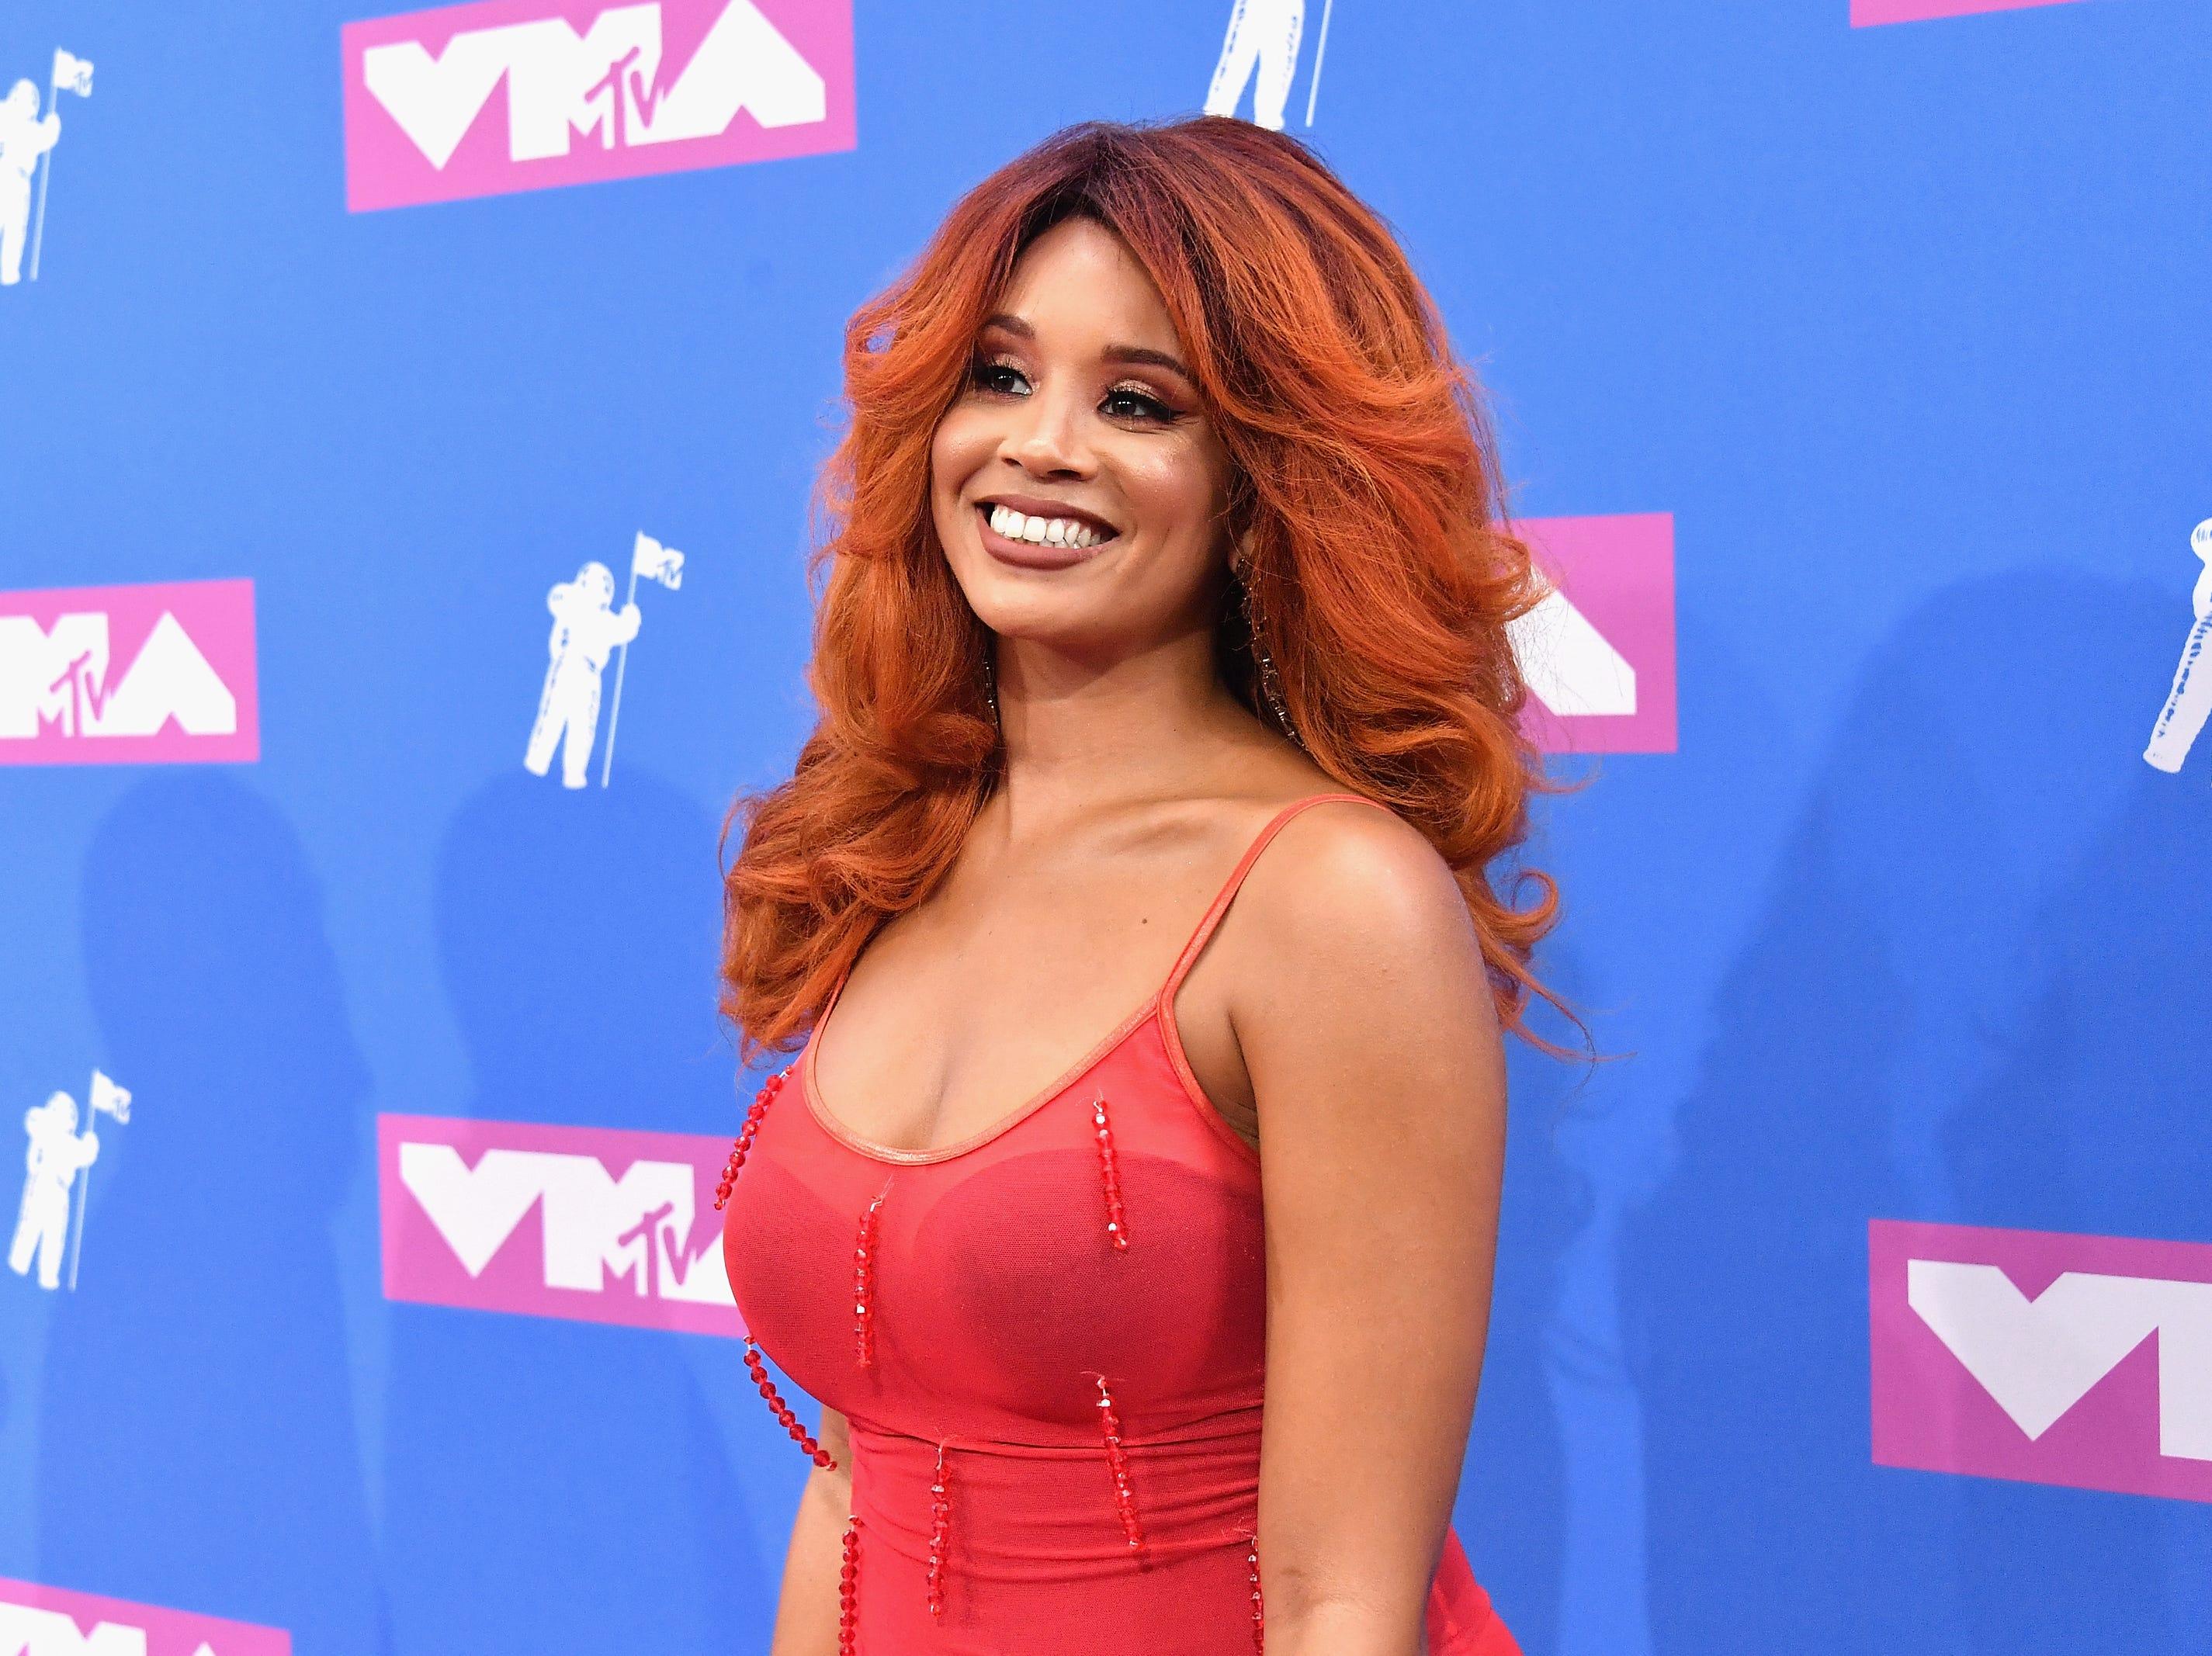 Jillian Hervey de Lion Babe asiste a los MTV Video Music Awards 2018 en el Radio City Music Hall el 20 de agosto de 2018 en la ciudad de Nueva York.